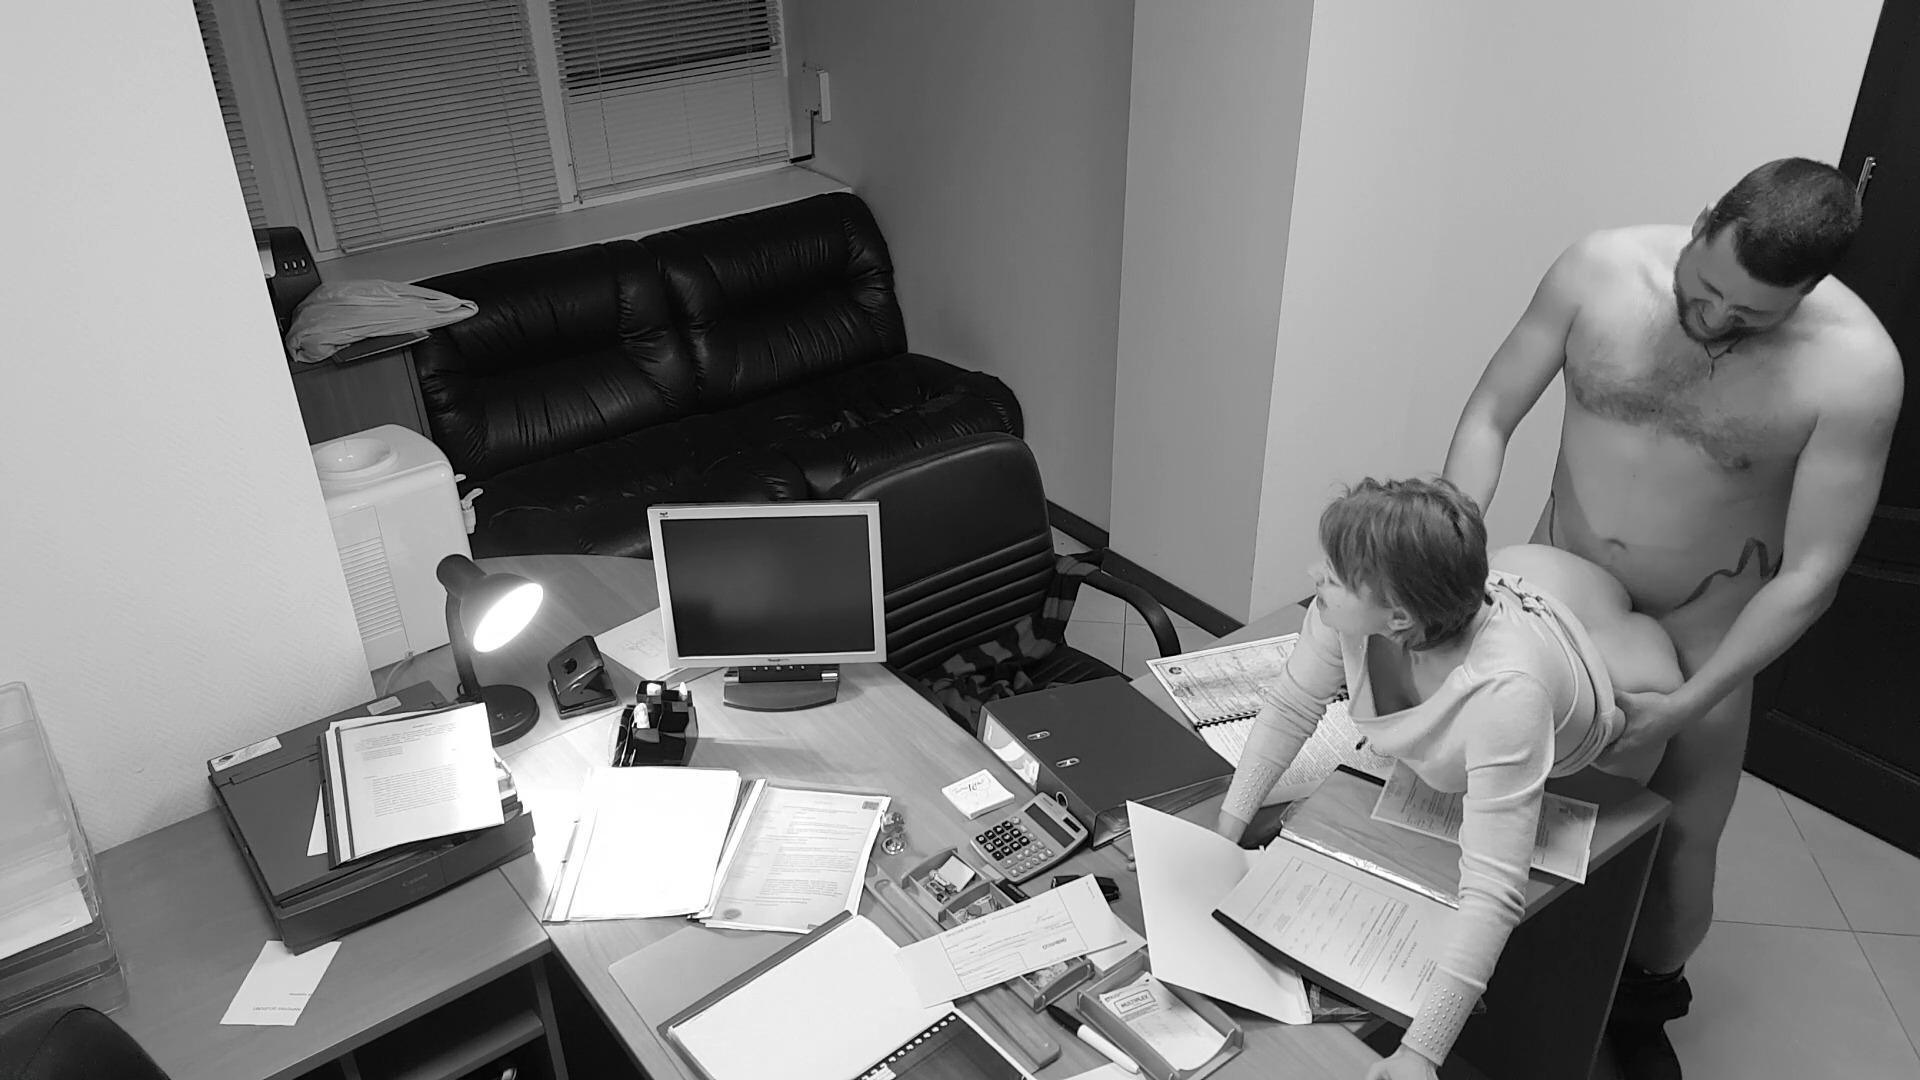 Γραμματέας τσούλα, τον παίρνει στο γραφείο από τον προϊστάμενο! Ερασιτεχνικό βίντεο, από κρυφή κάμερα!